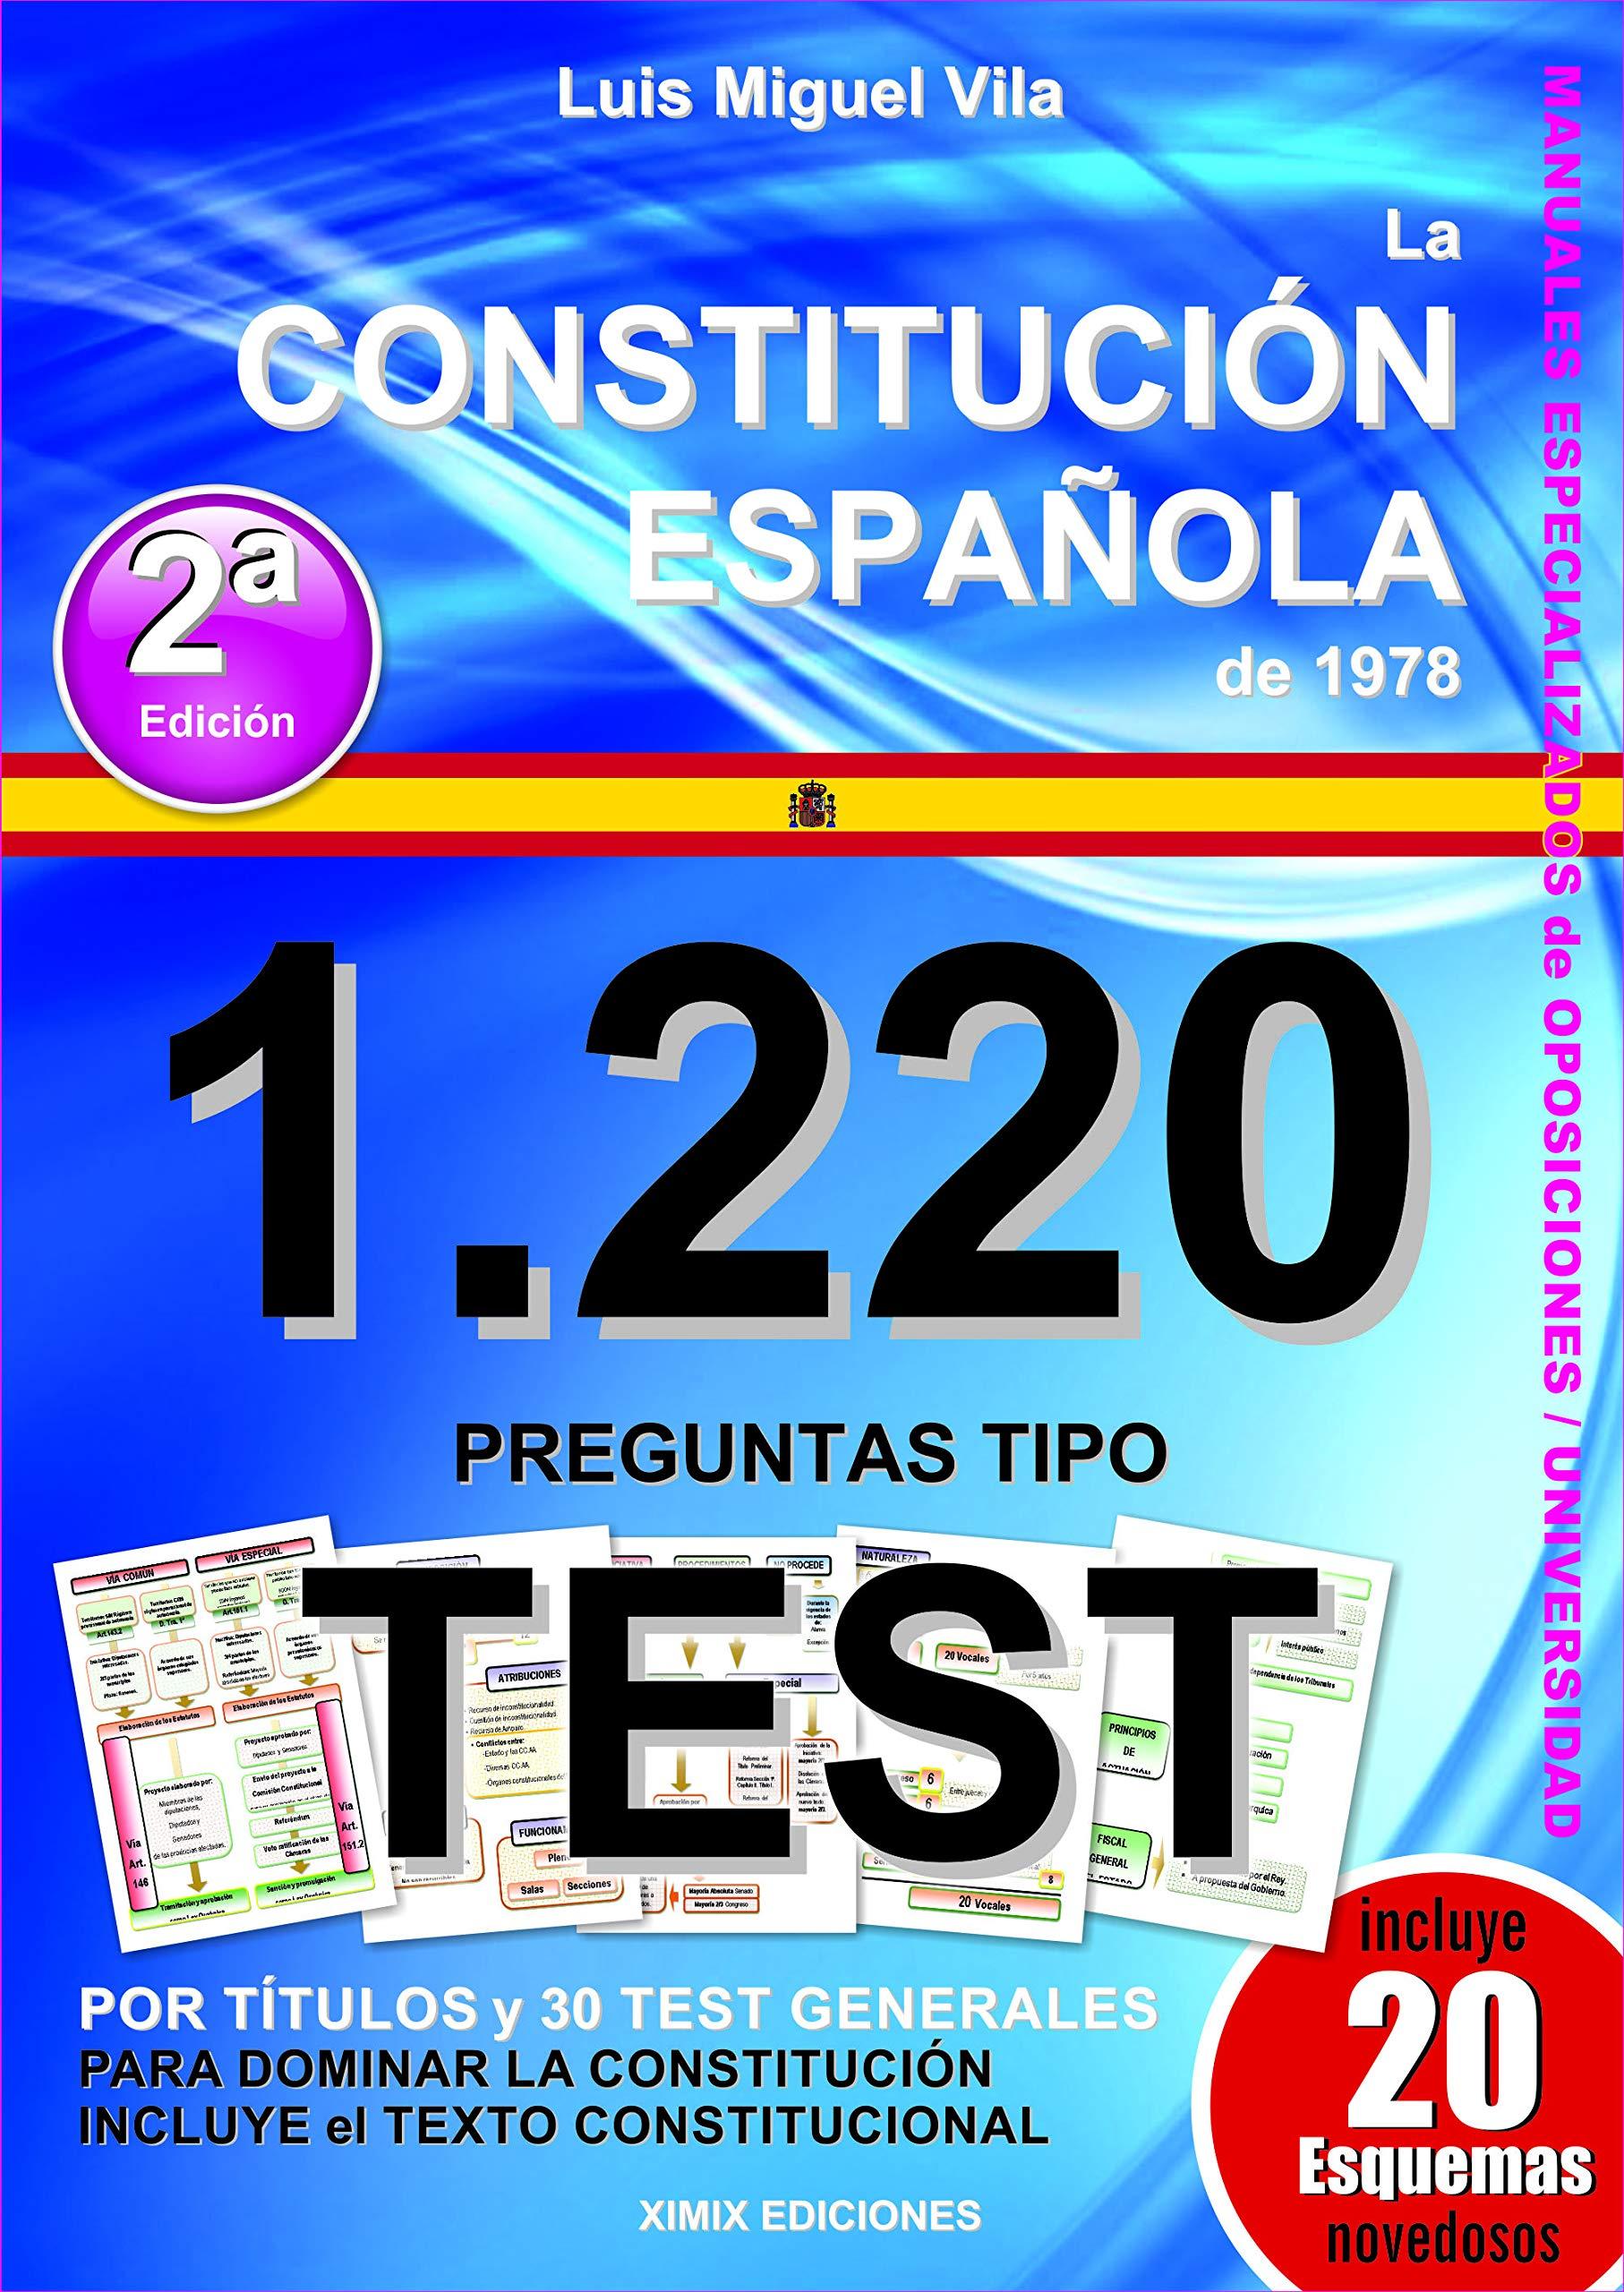 1220 Preguntas Tipo Test La Constitución Española De 1978